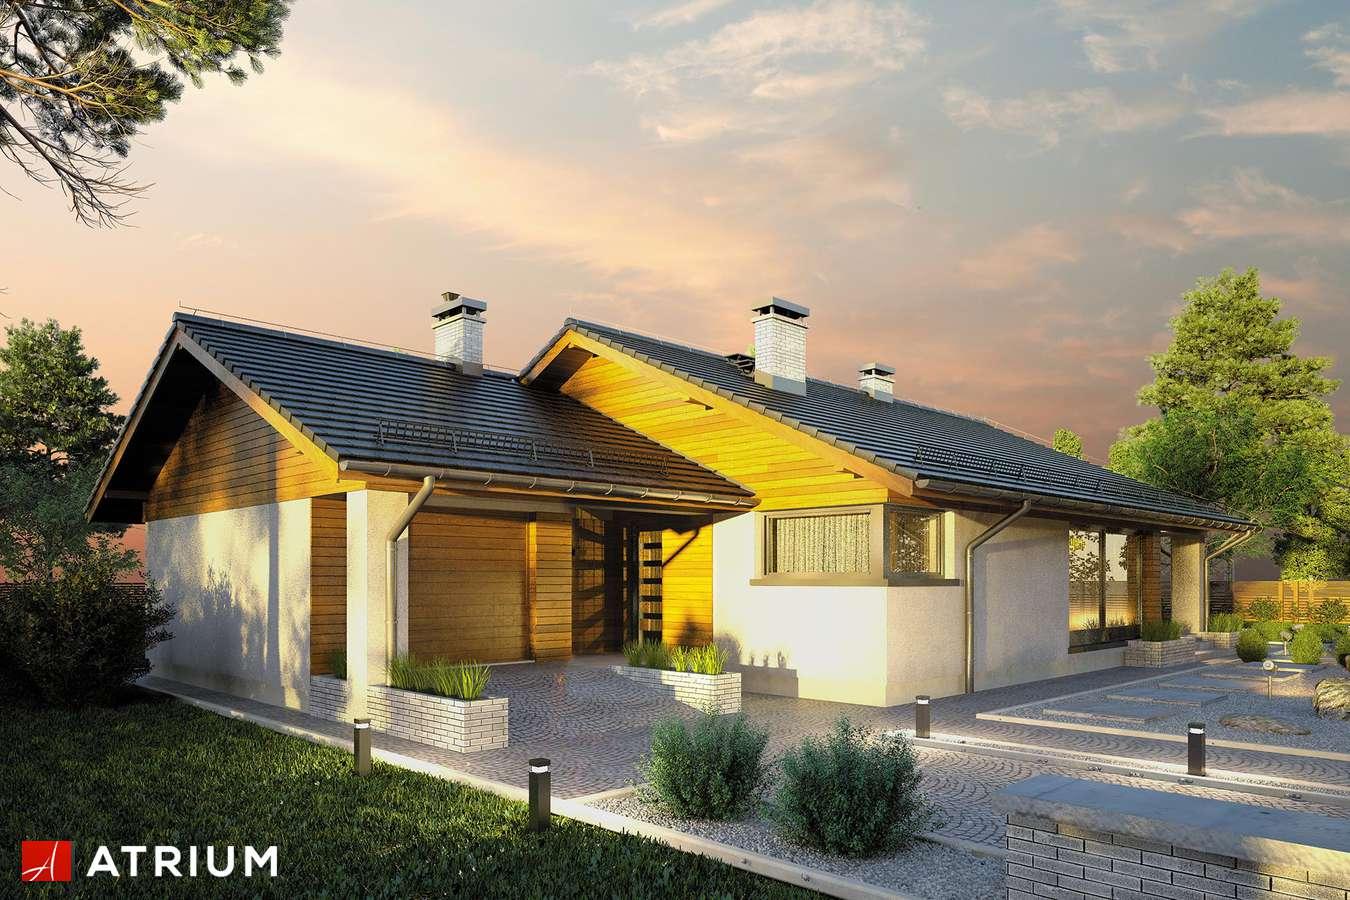 Projekty domów - Projekt domu parterowego KOS - wizualizacja 2 - wersja lustrzana